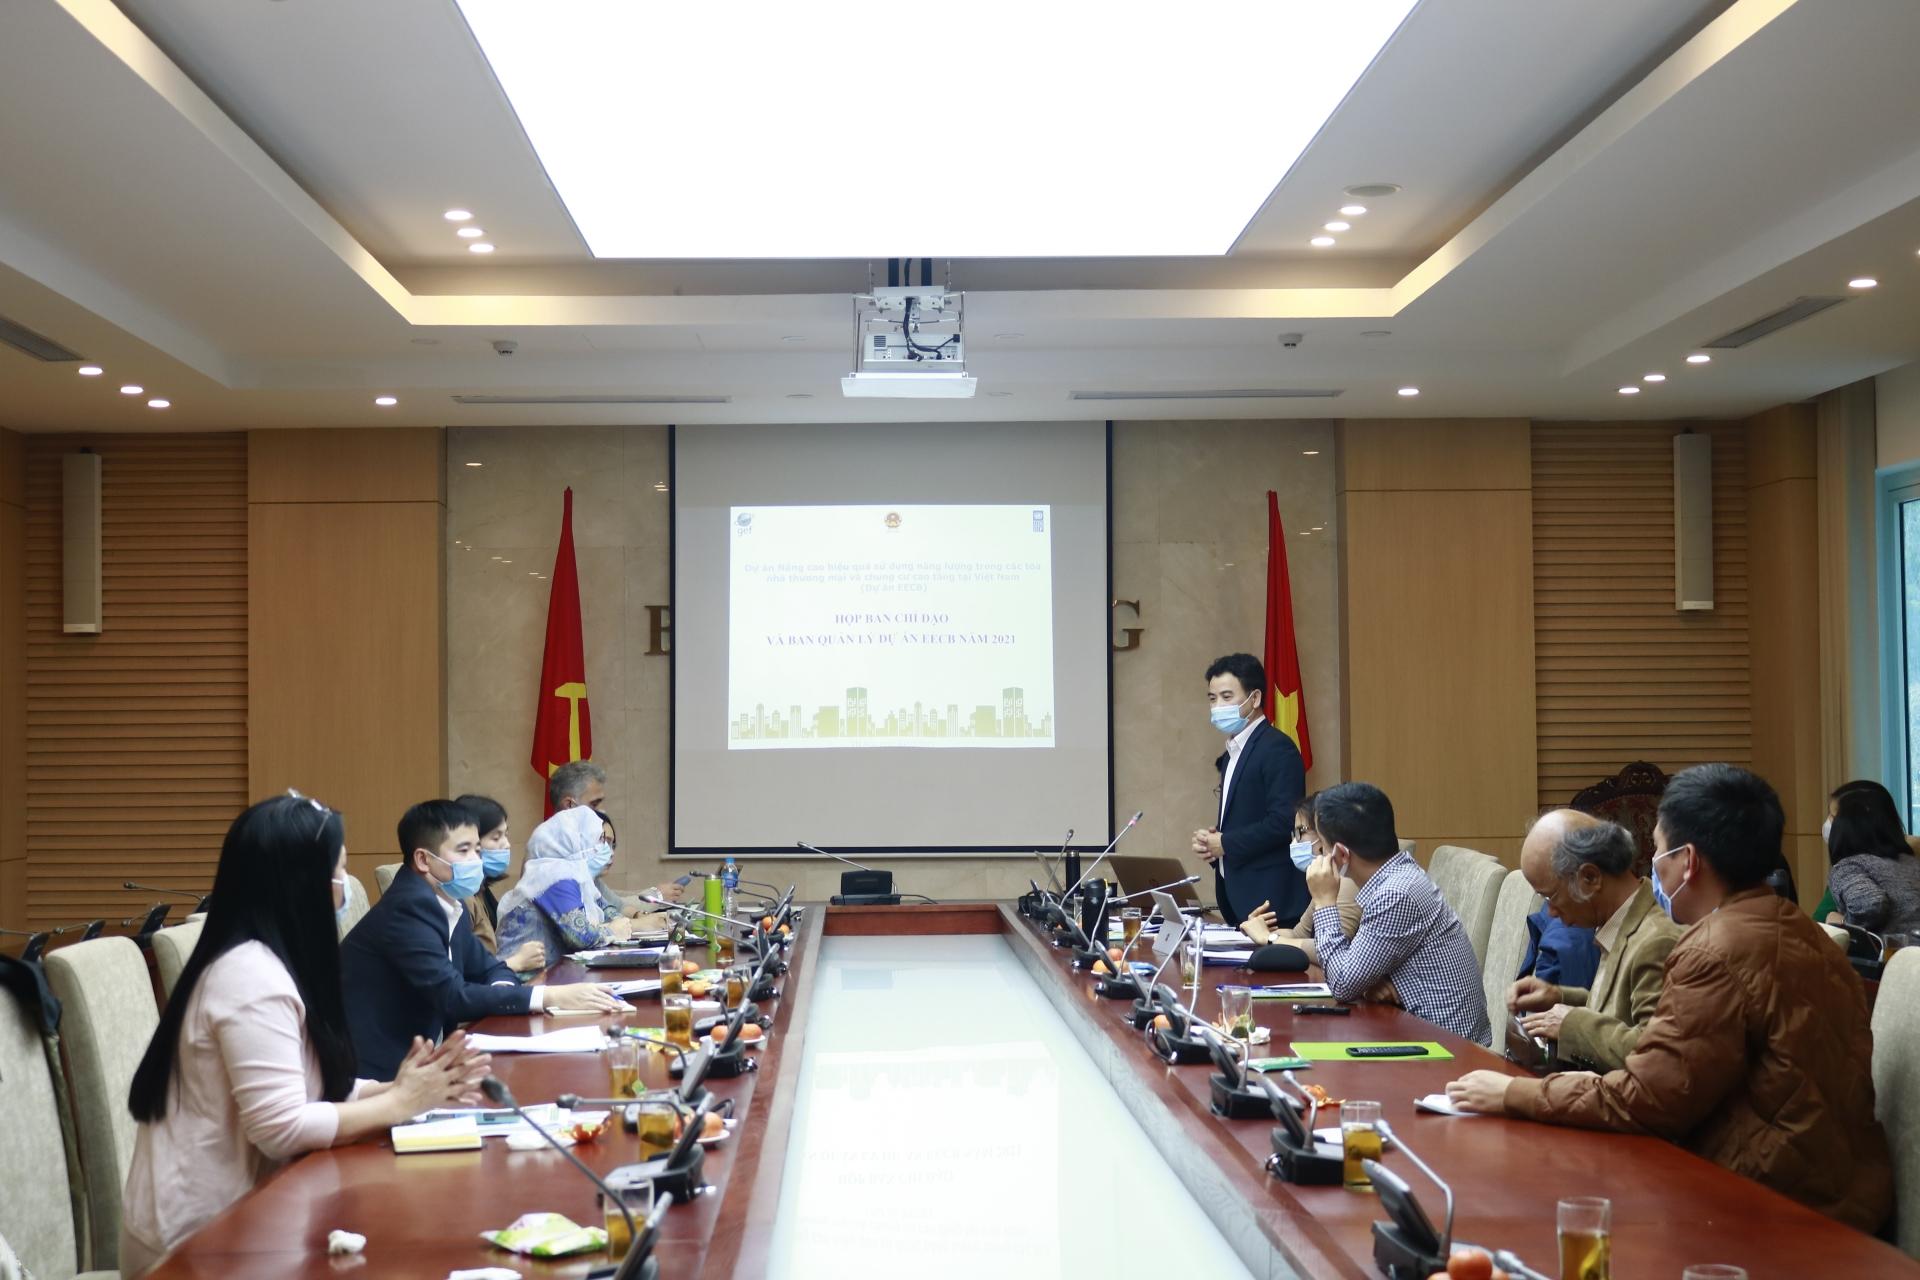 Dự án Nâng cao hiệu quả sử dụng năng lượng trong các tòa nhà thương mại và chung cư cao tầng tại Việt Nam hoàn thành khối lượng công việc lớn